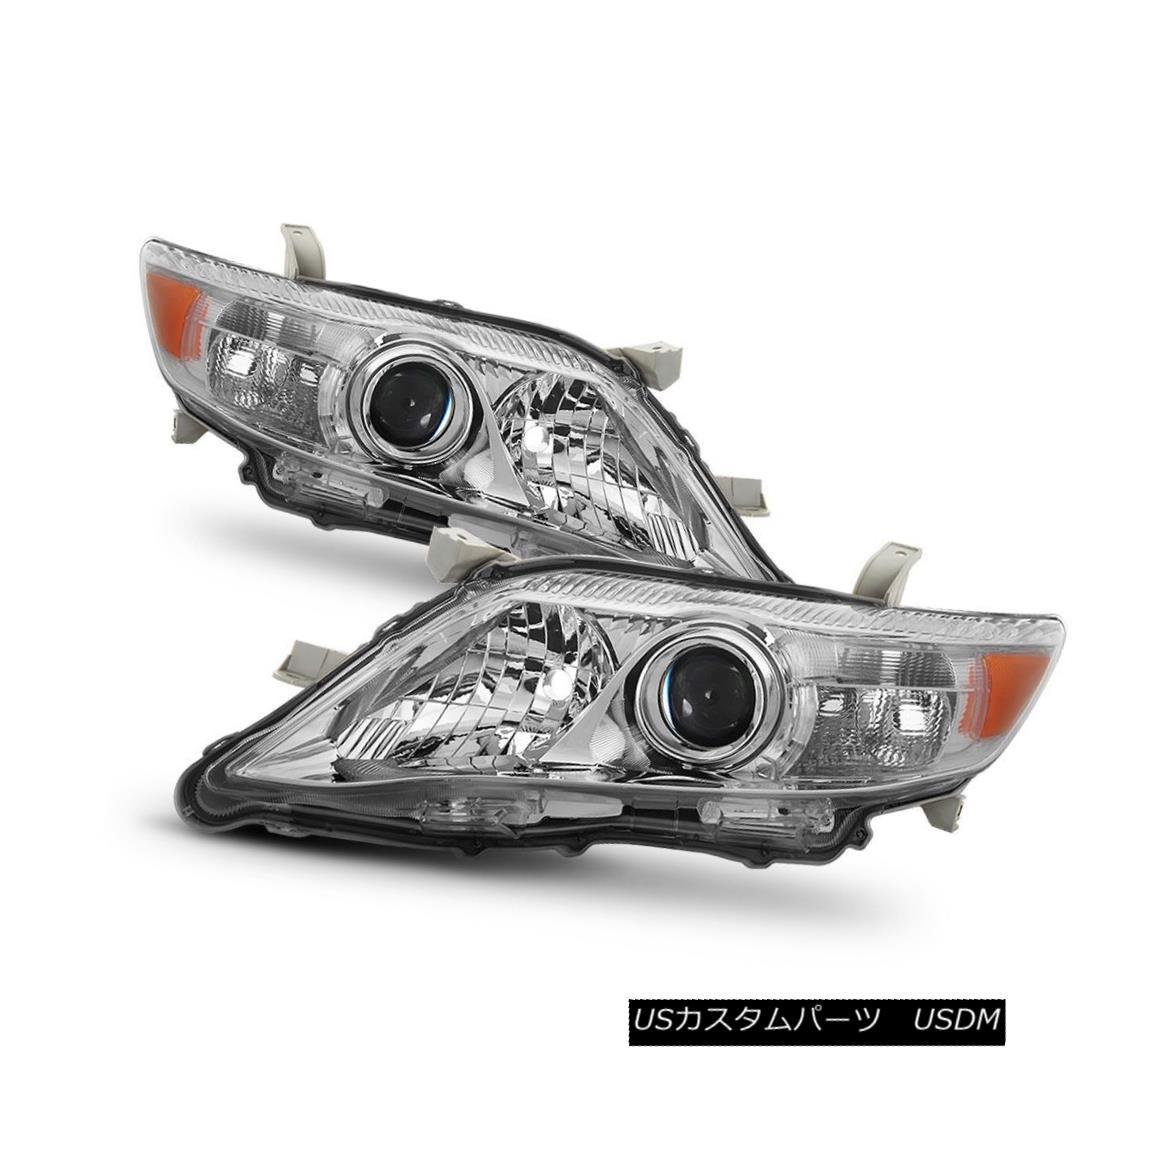 ヘッドライト Toyota 10-11 Camry LE / XLE Chrome Housing Replacement Headlights Left+Right Set トヨタ10-11カムリLE / XLEクロームハウジング交換ヘッドライト左+右セット